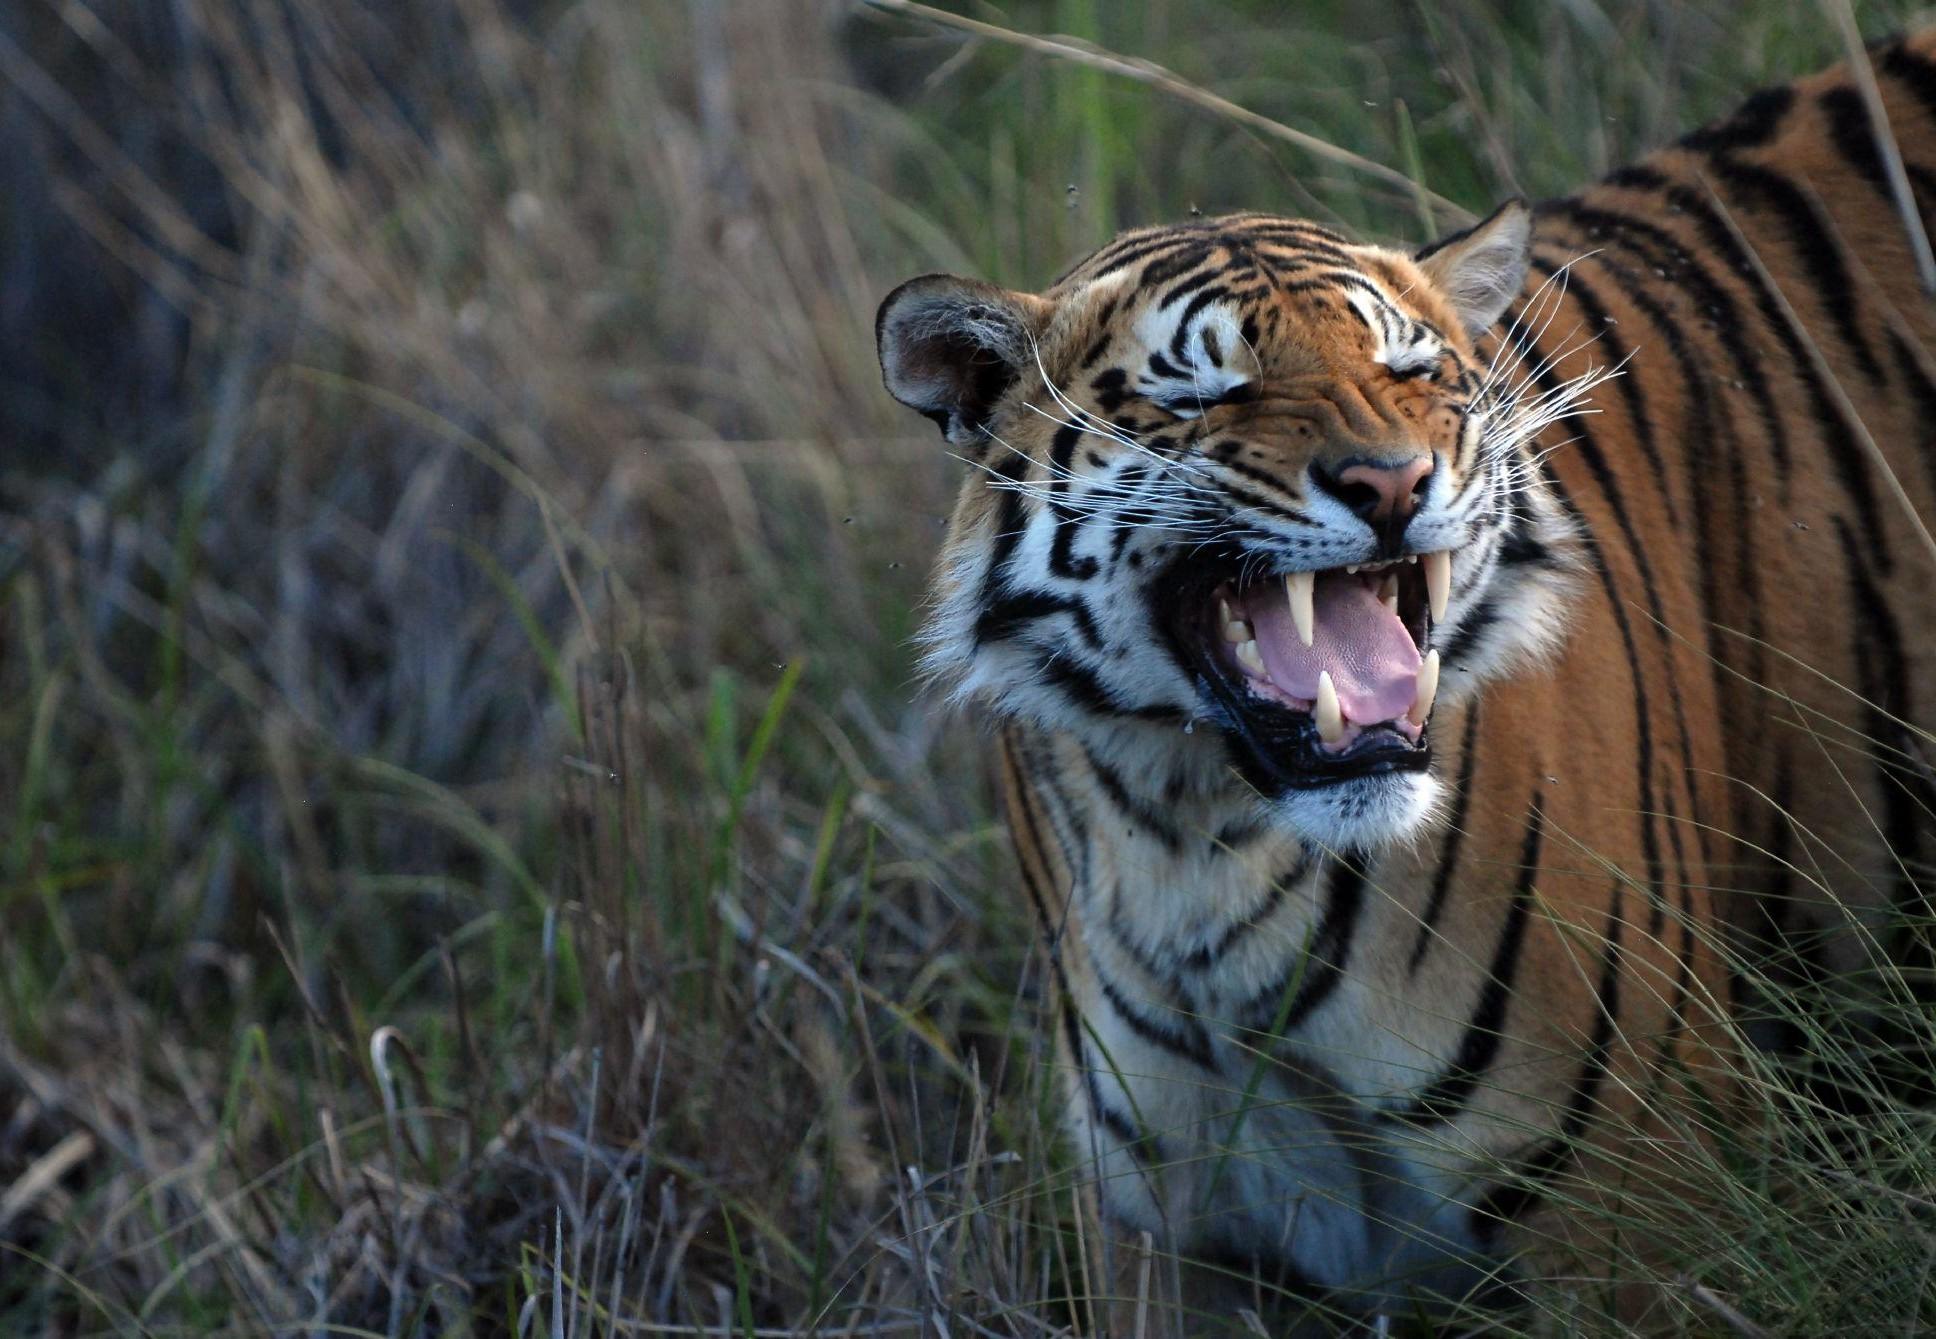 Tiger Coda at LIONSROCK